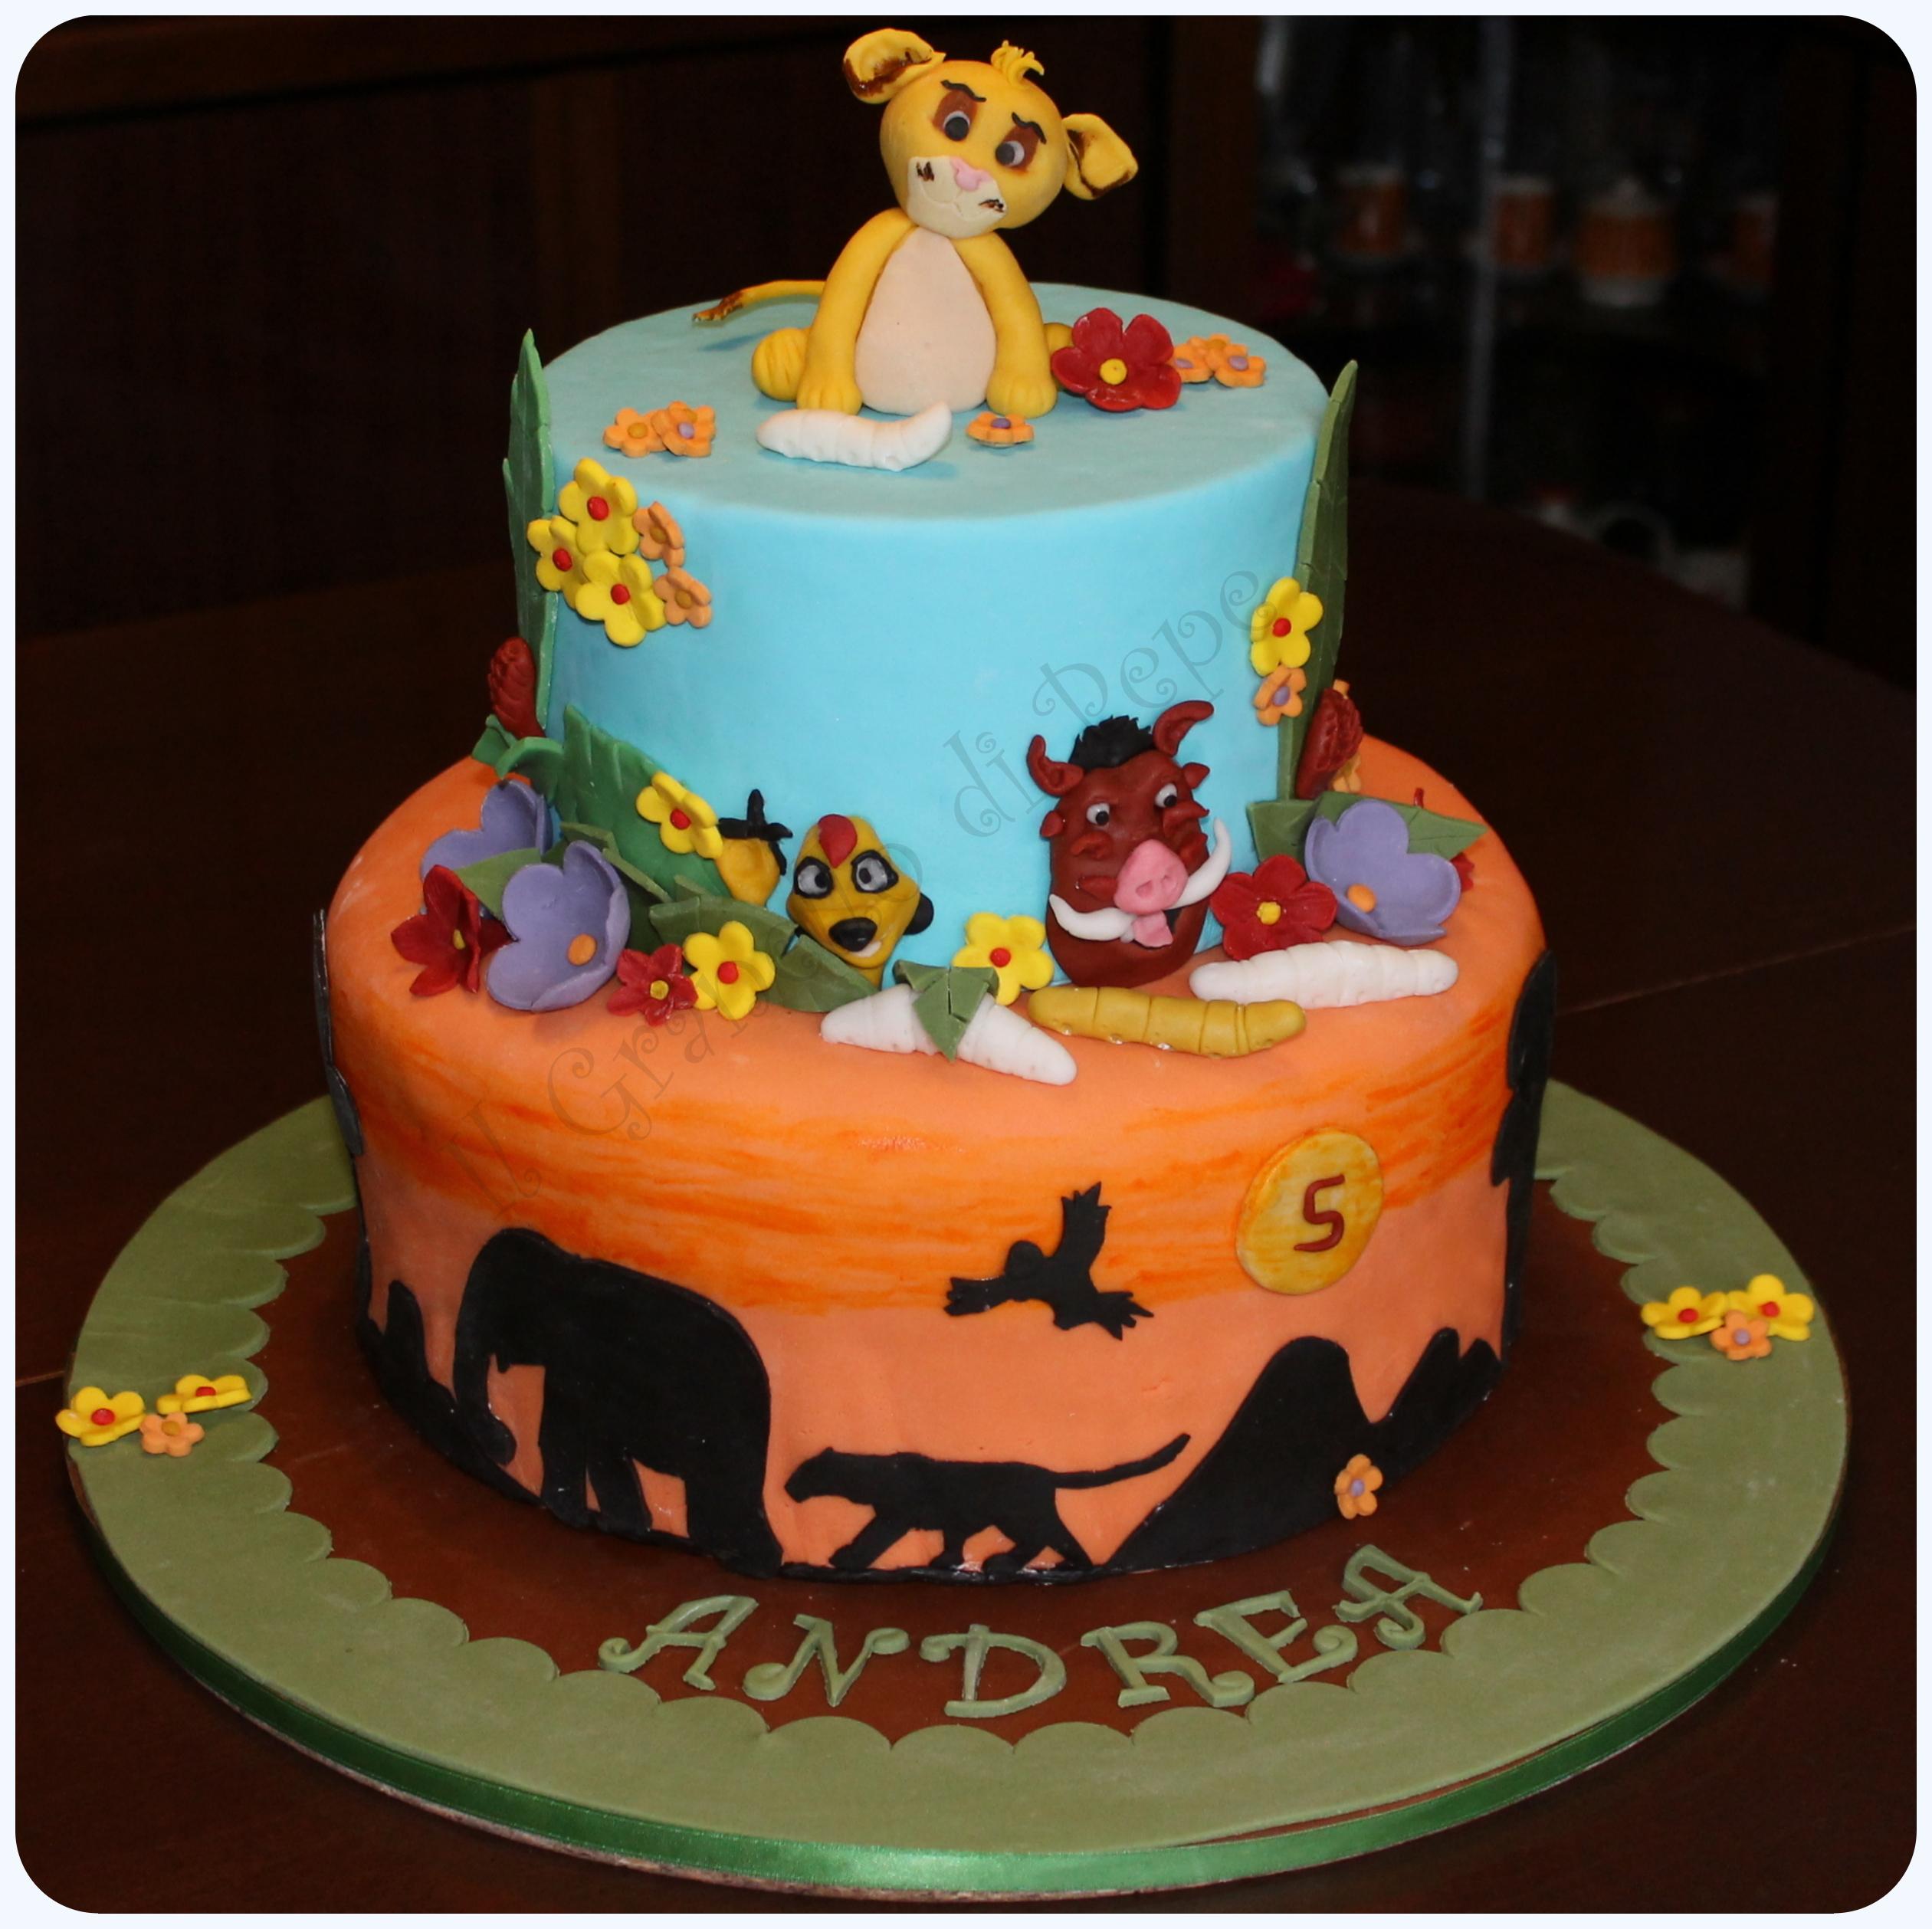 Cake Design Mania: le basi per la realizzazione di Torte Grandiose